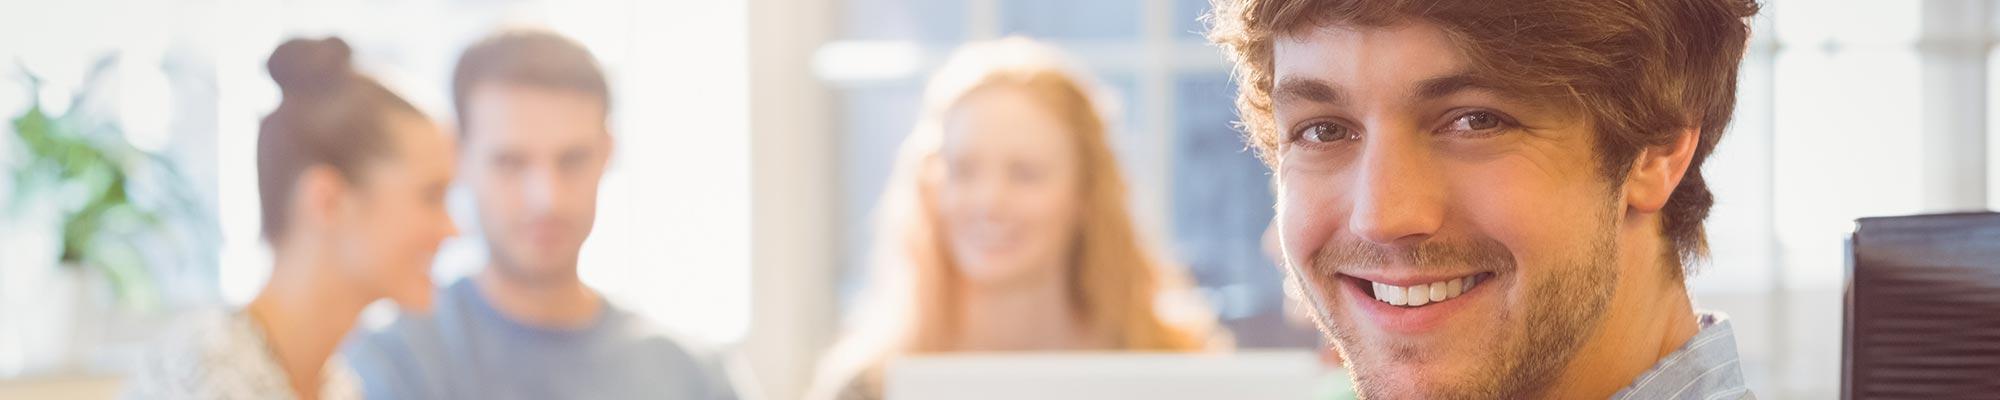 Karriere - ASP.NET Entwickler gesucht